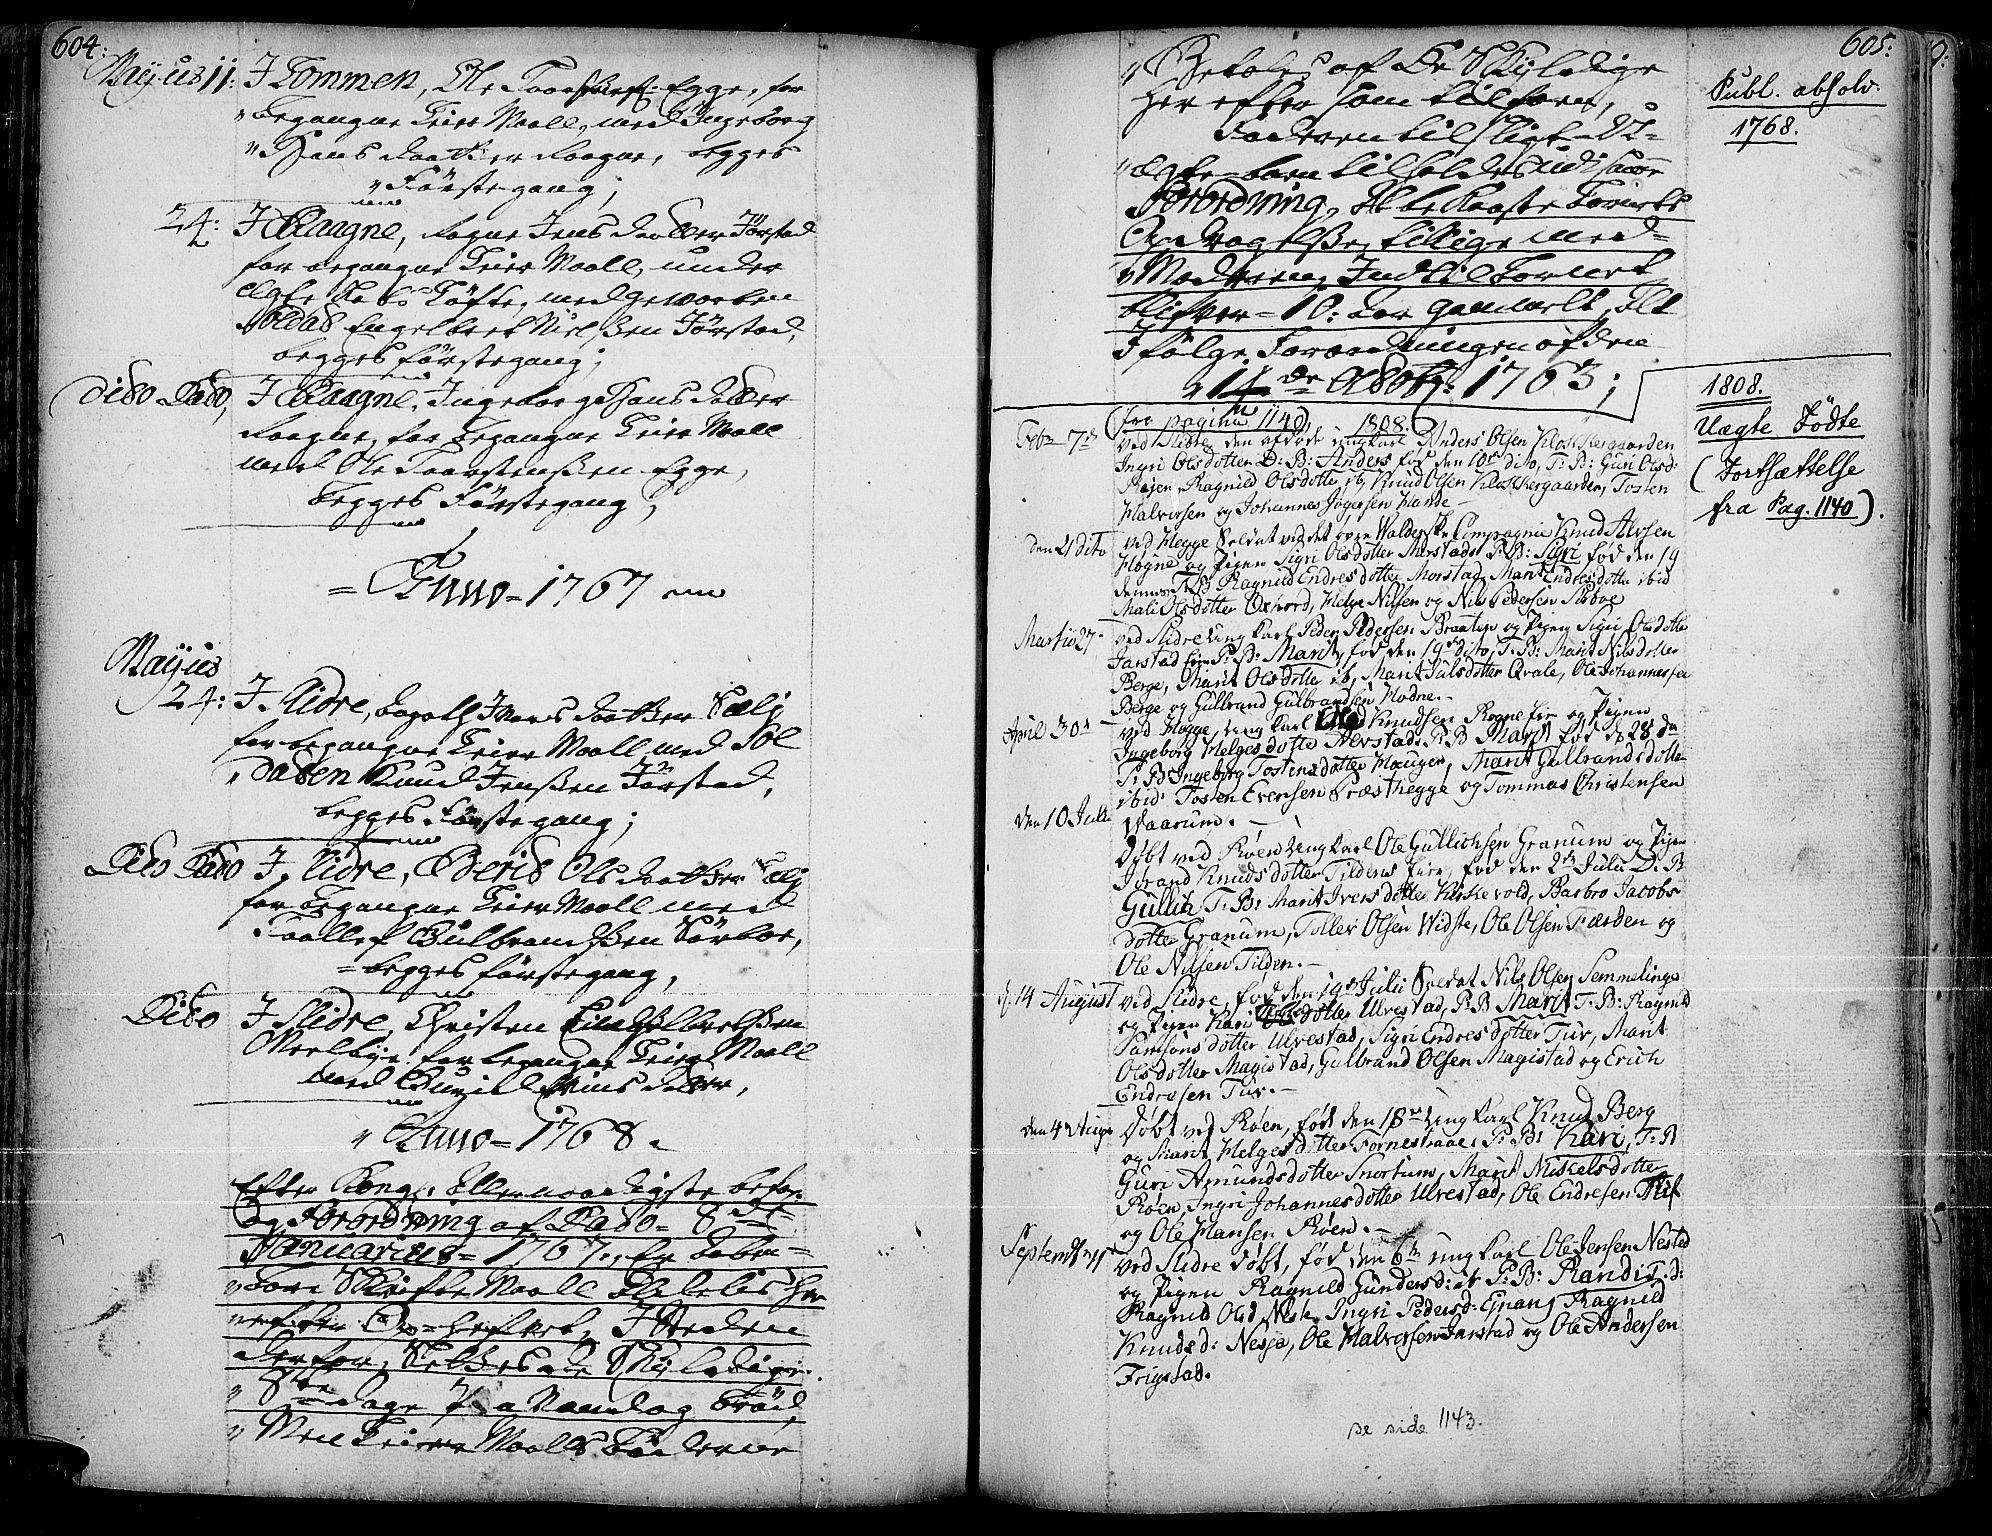 SAH, Slidre prestekontor, Ministerialbok nr. 1, 1724-1814, s. 604-605